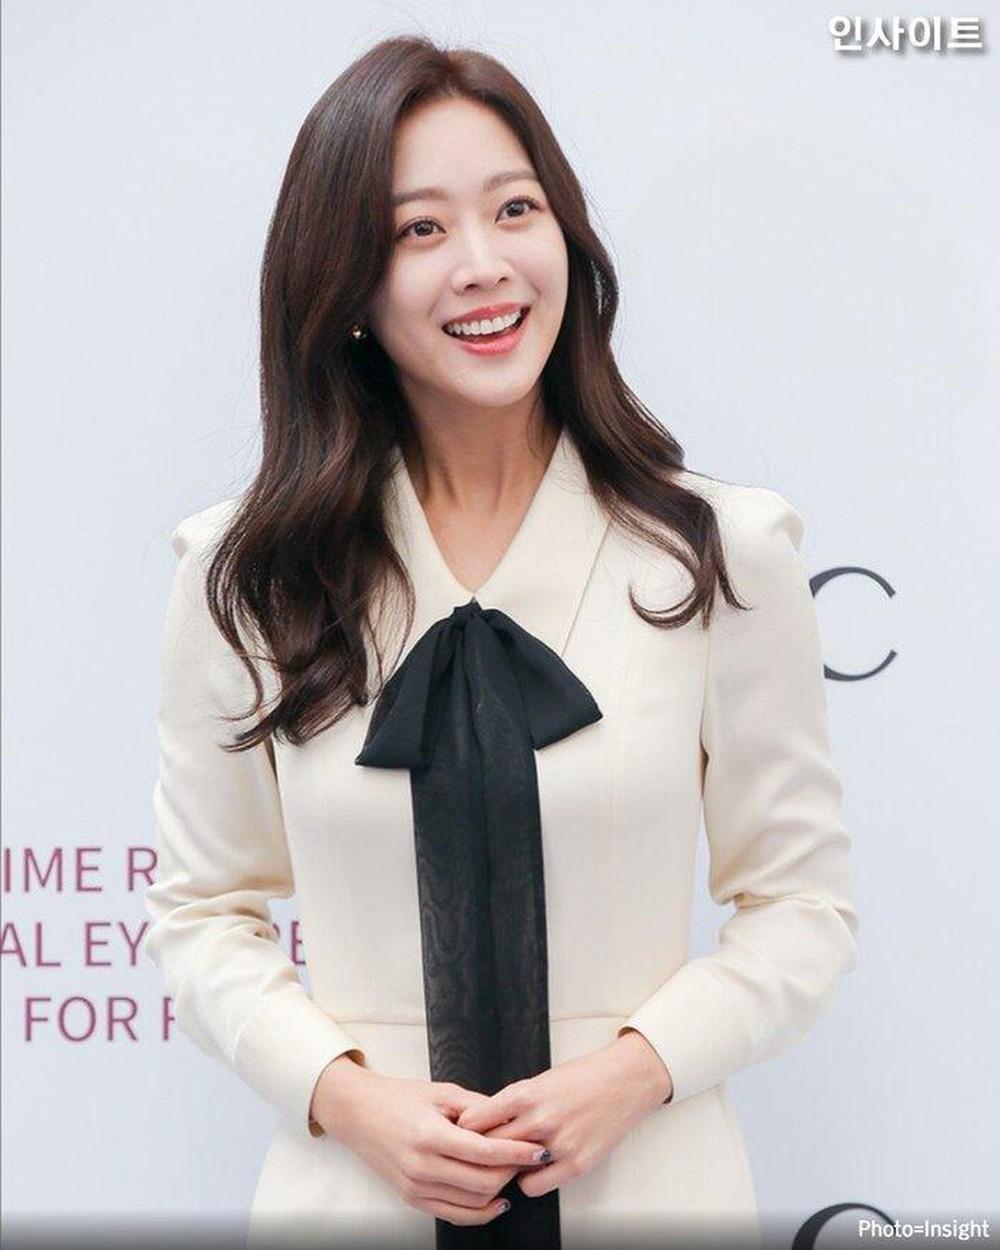 Mỹ nữ Jo Bo Ah được khán giả mong chờ sẽ tạo phản ứng hóa học với Lee Dong Wook.